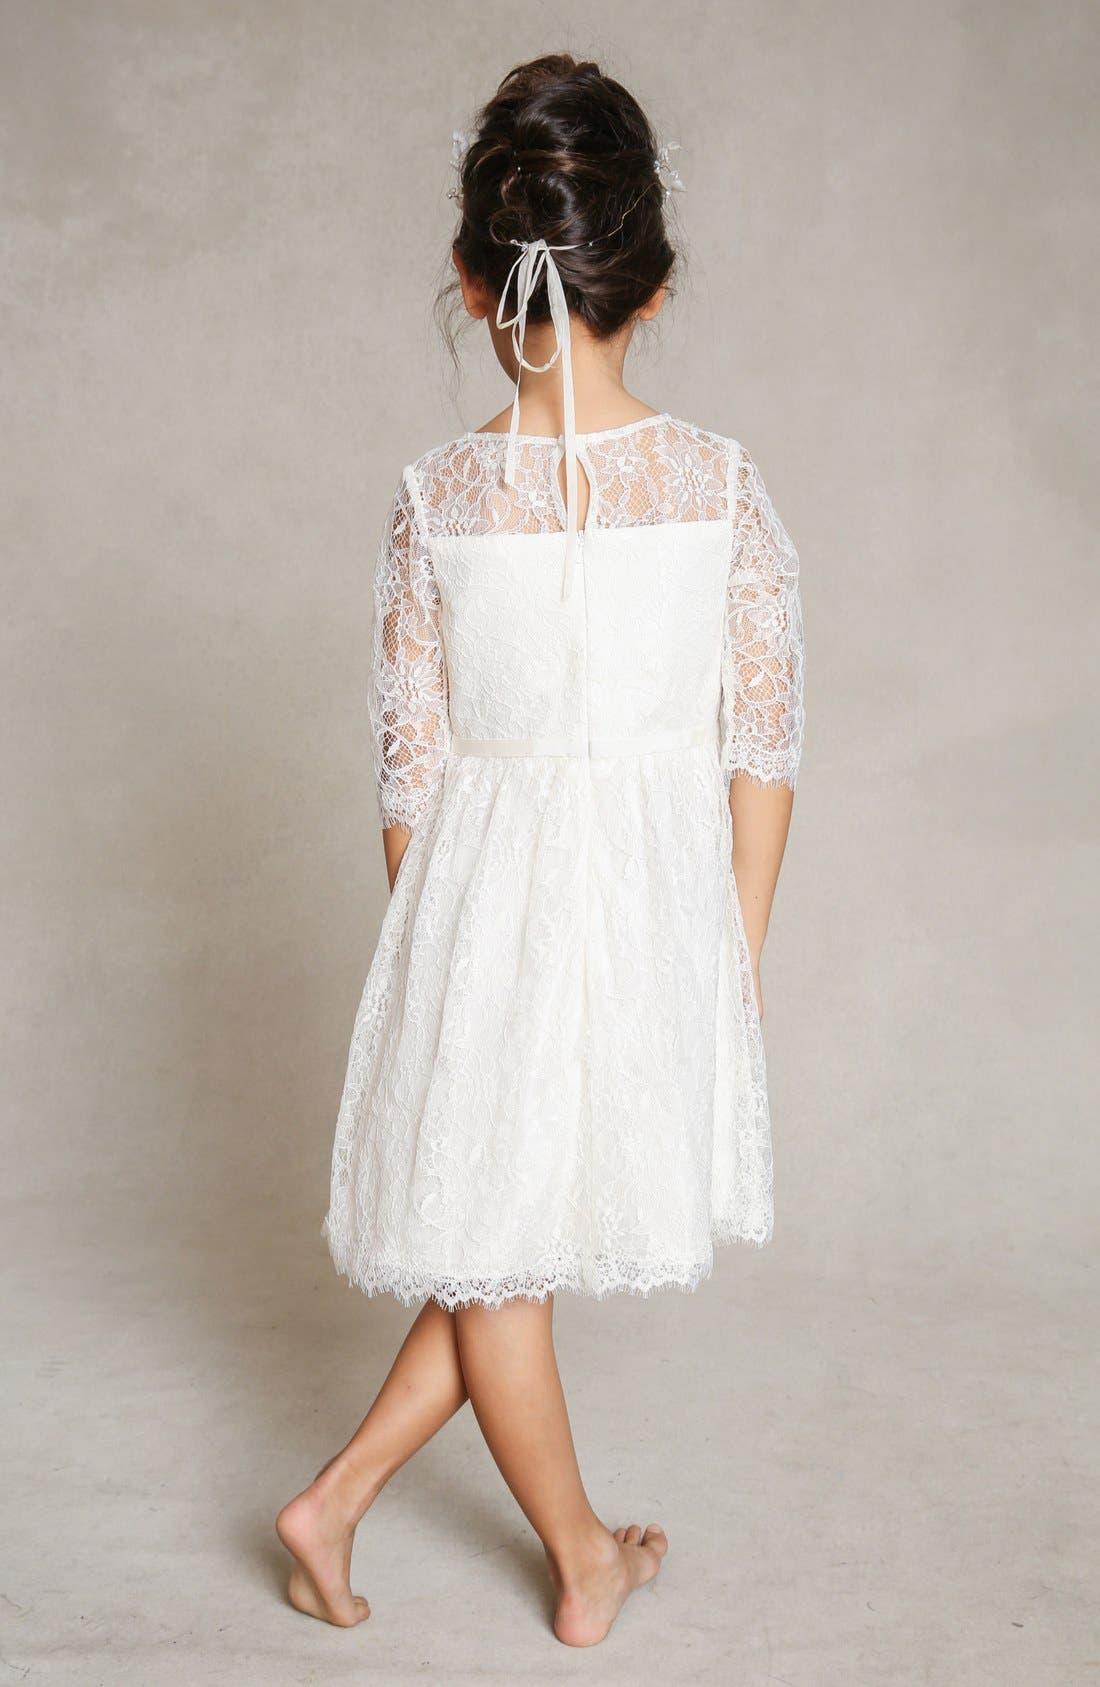 Annie Floral Appliqué Lace Dress,                             Alternate thumbnail 2, color,                             Ivory